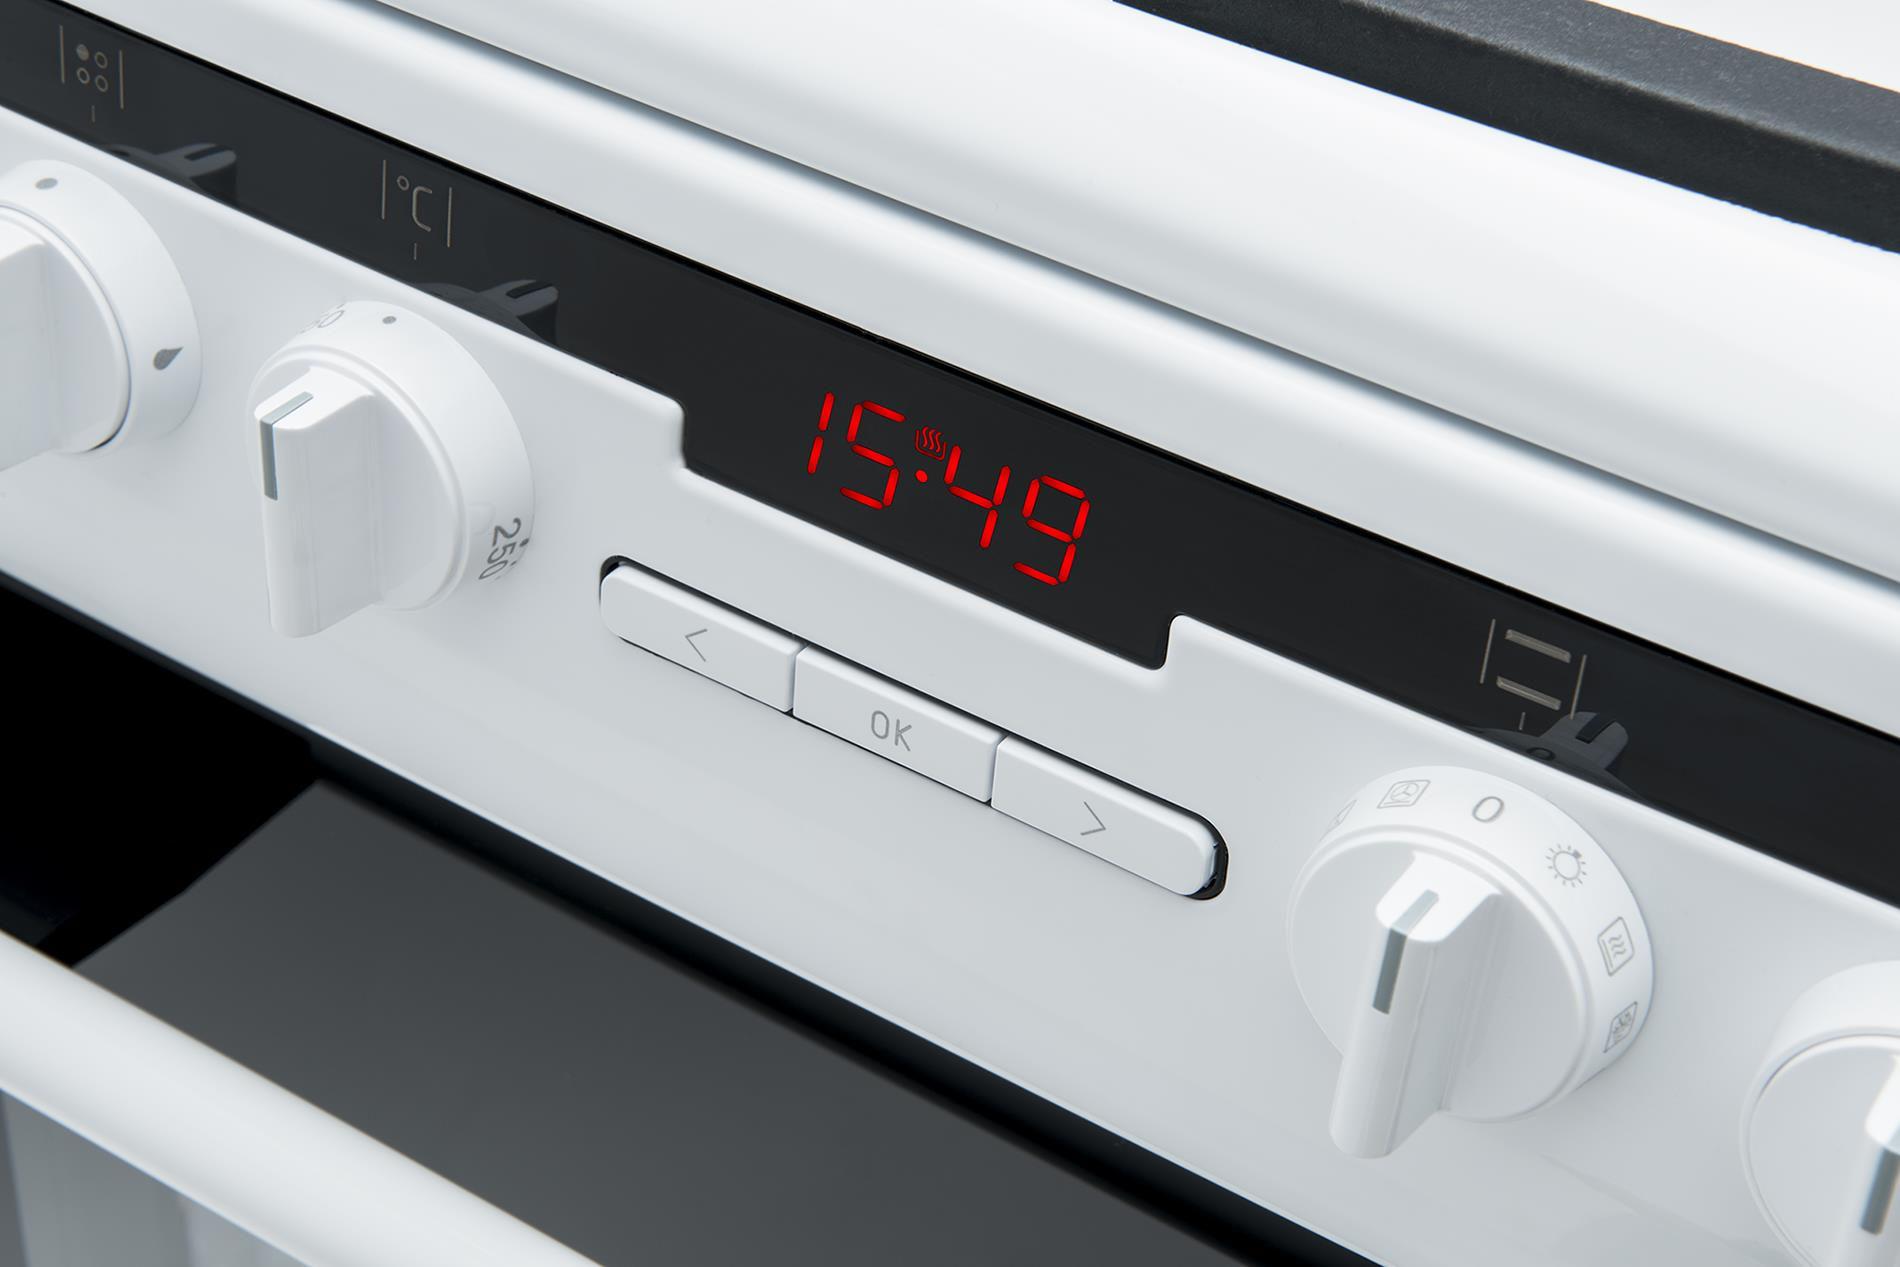 Kuchnia wolnostojąca gazowo elektryczna 500 57GE3 33HZpTaDpAQ(W)  Amica -> Kuchnie Elektryczne Wolnostojące Amica